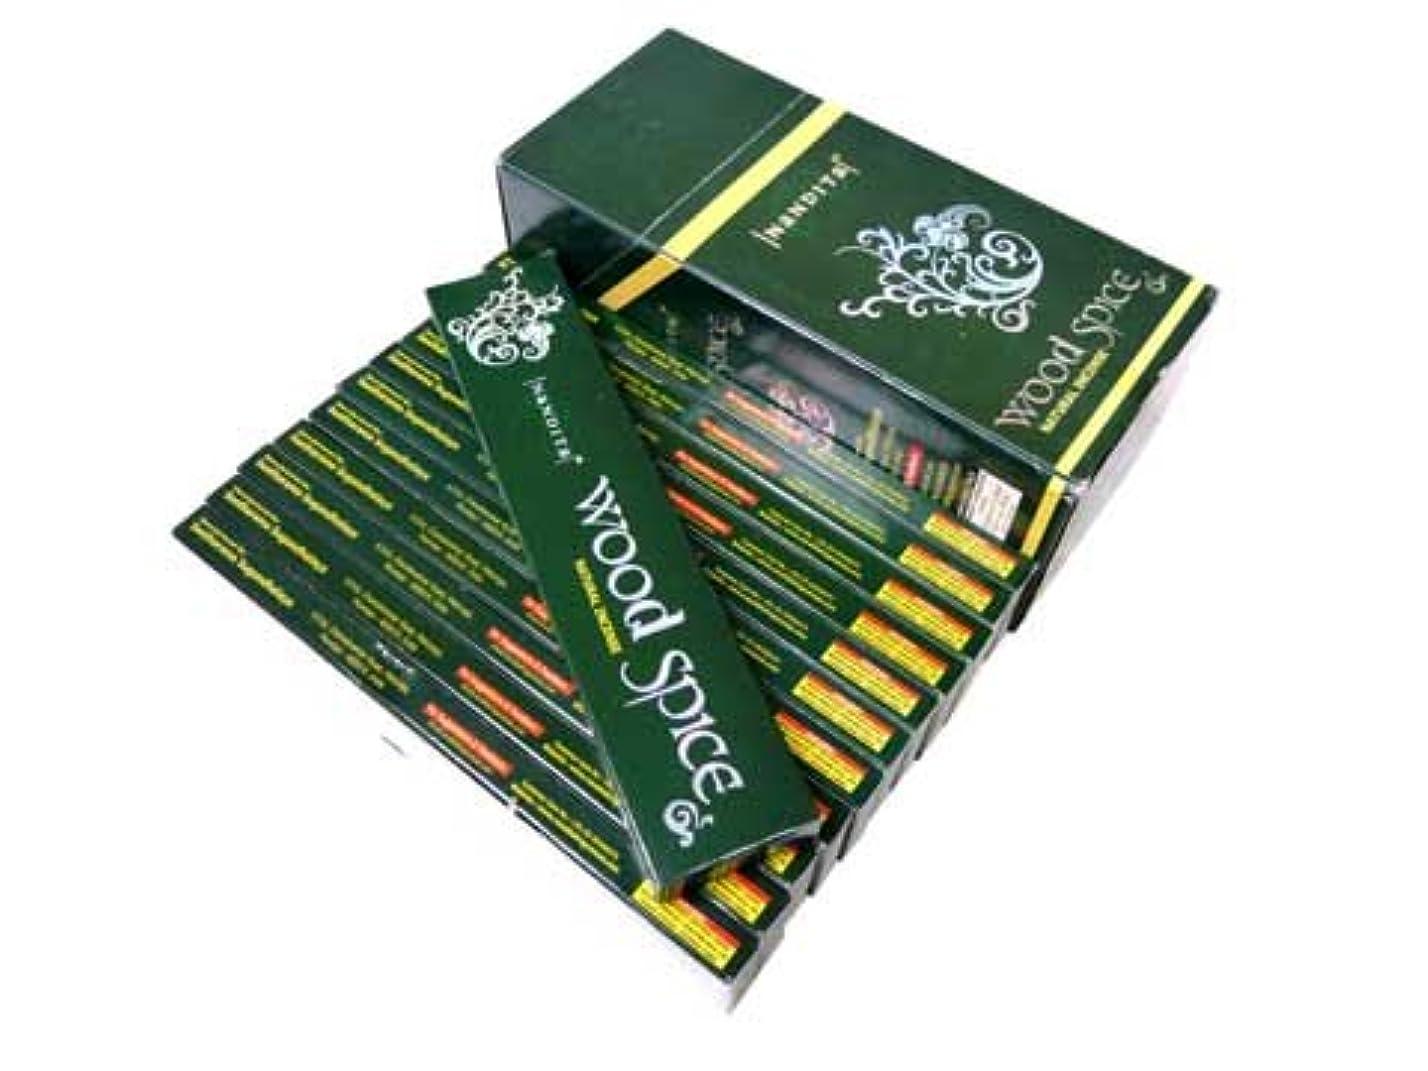 平凡然とした登録NANDITA(ナンディータ) ウッドスパイス香 スティック WOOD SPICE 12箱セット